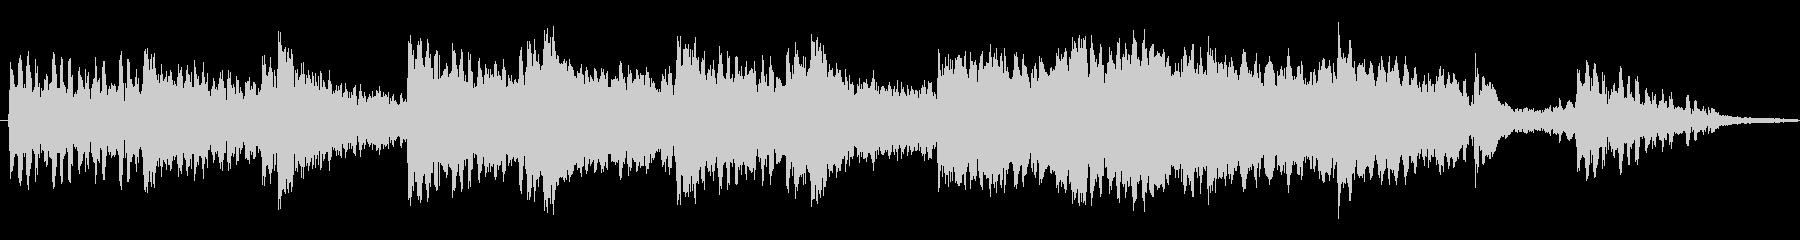 プログレッシブ 交響曲 不思議 奇...の未再生の波形